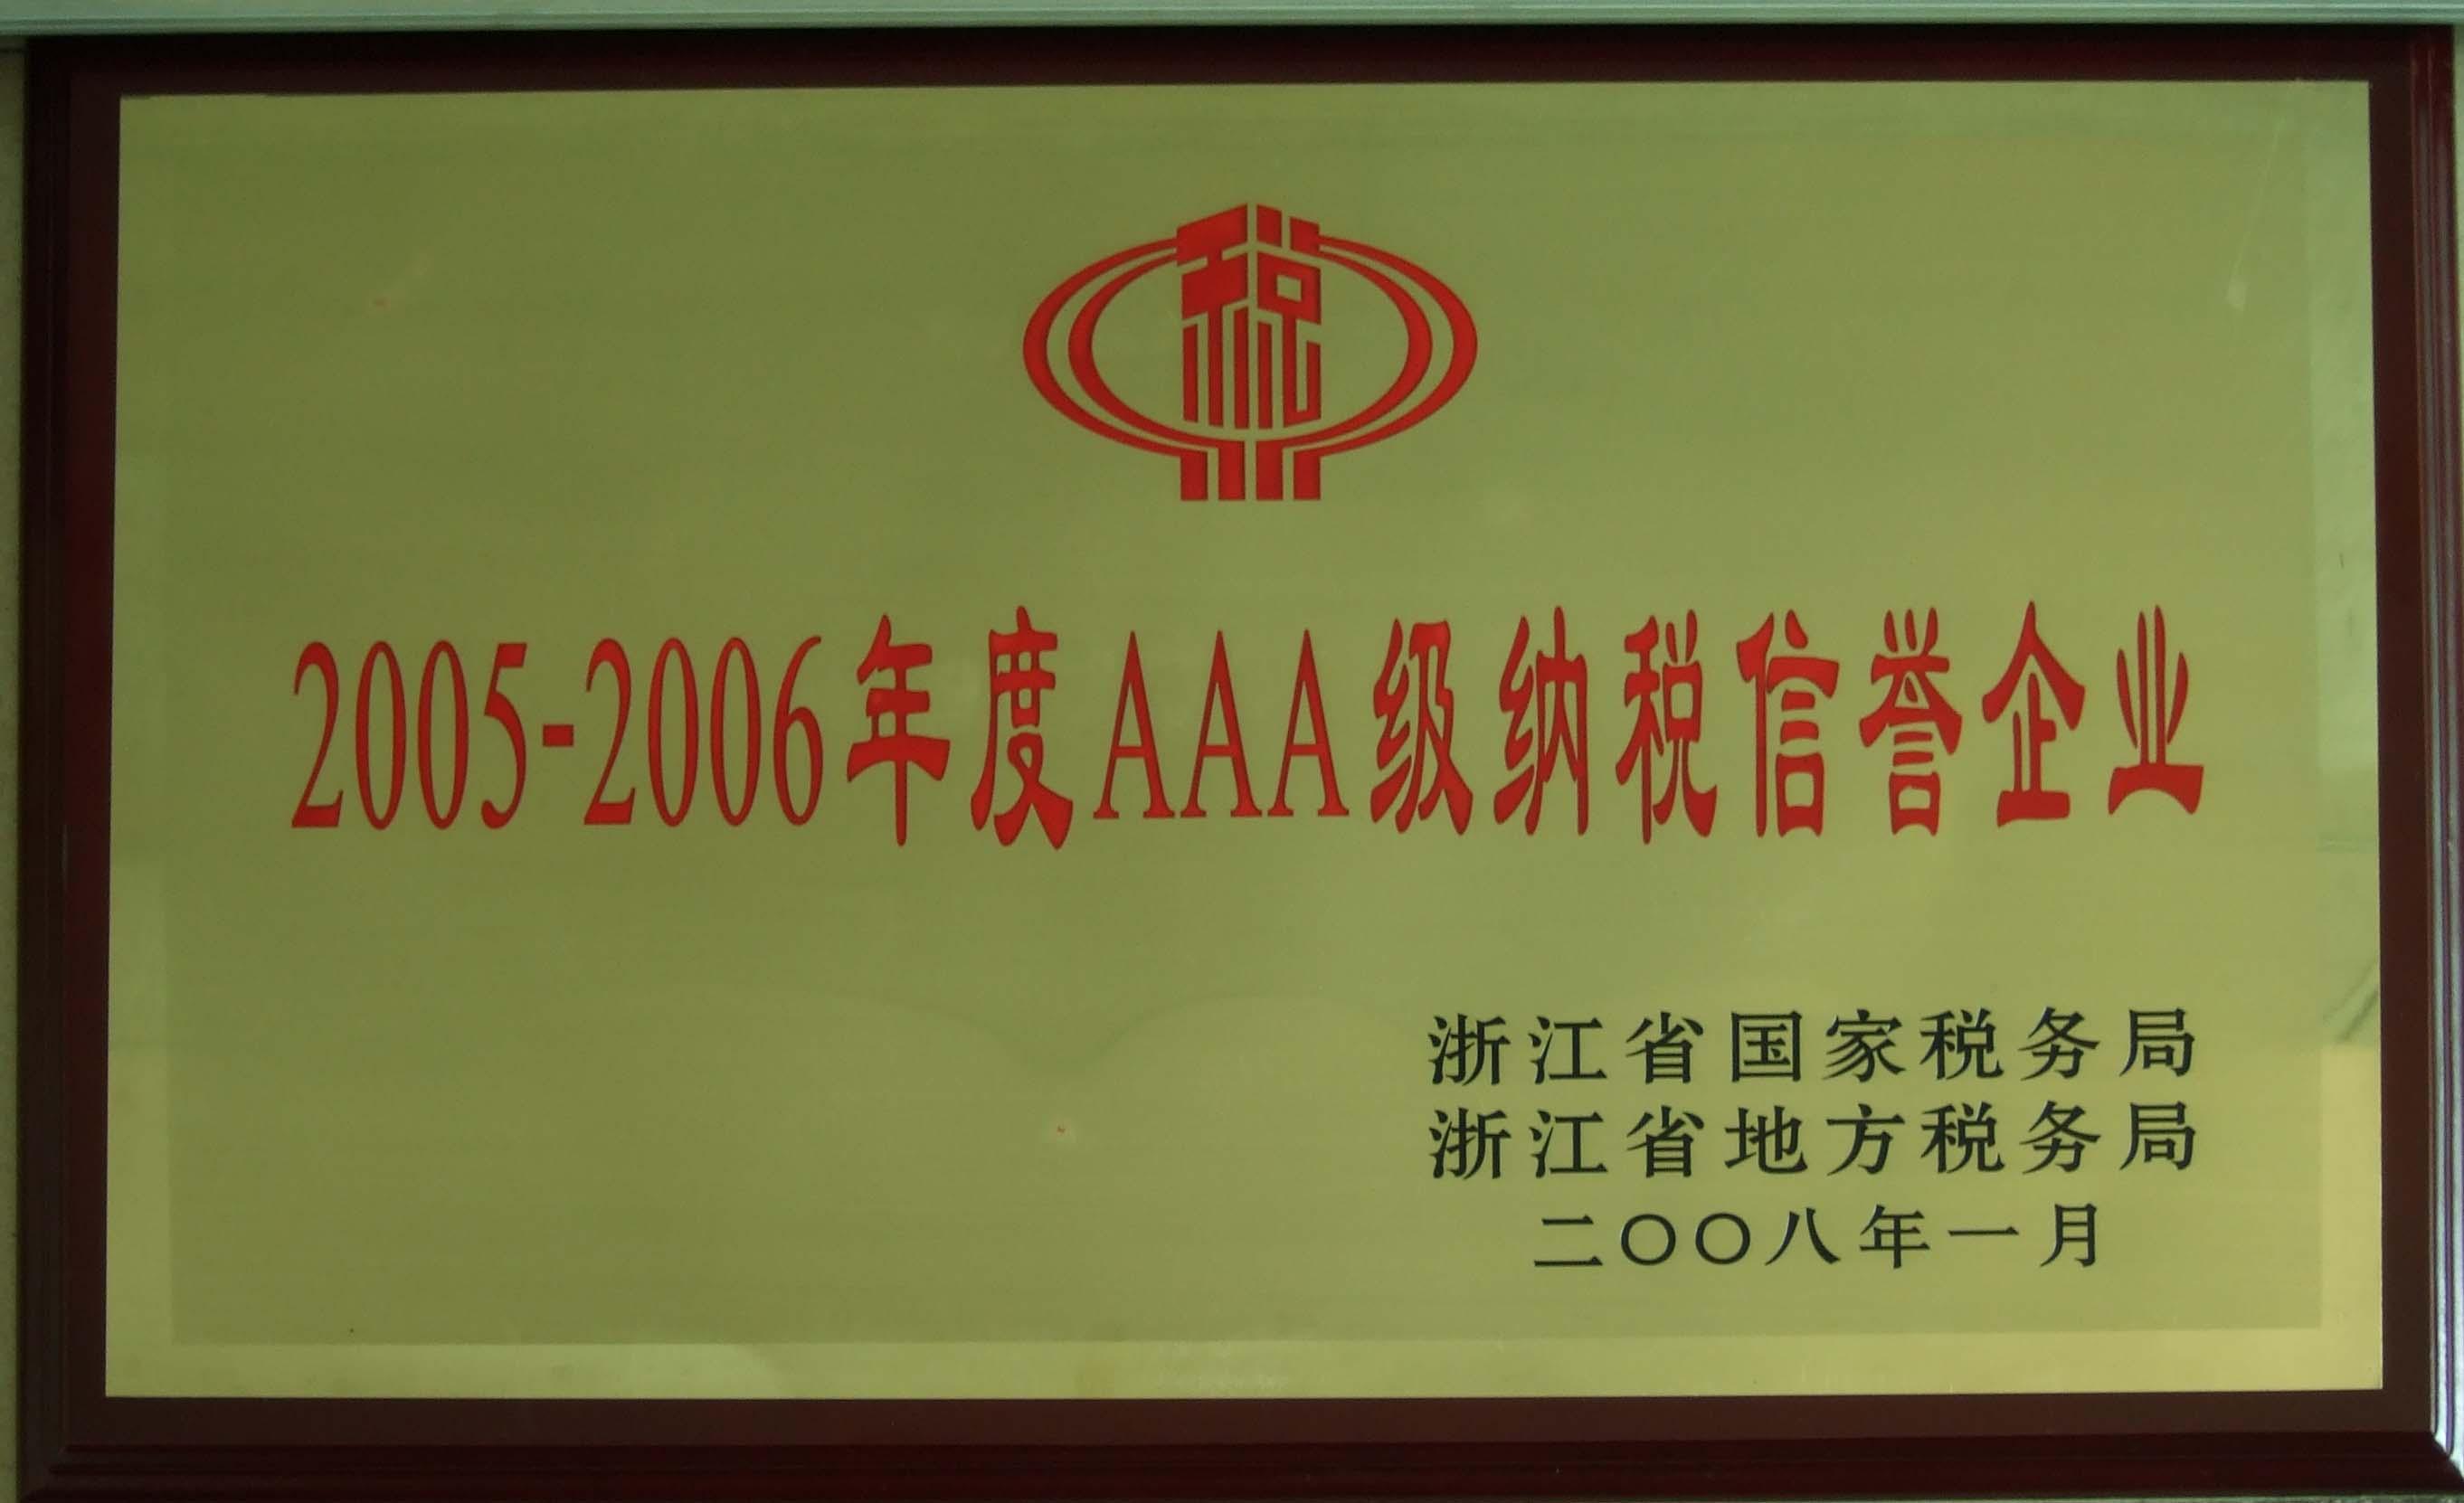 2005-2006年度AAA级纳税信誉企业